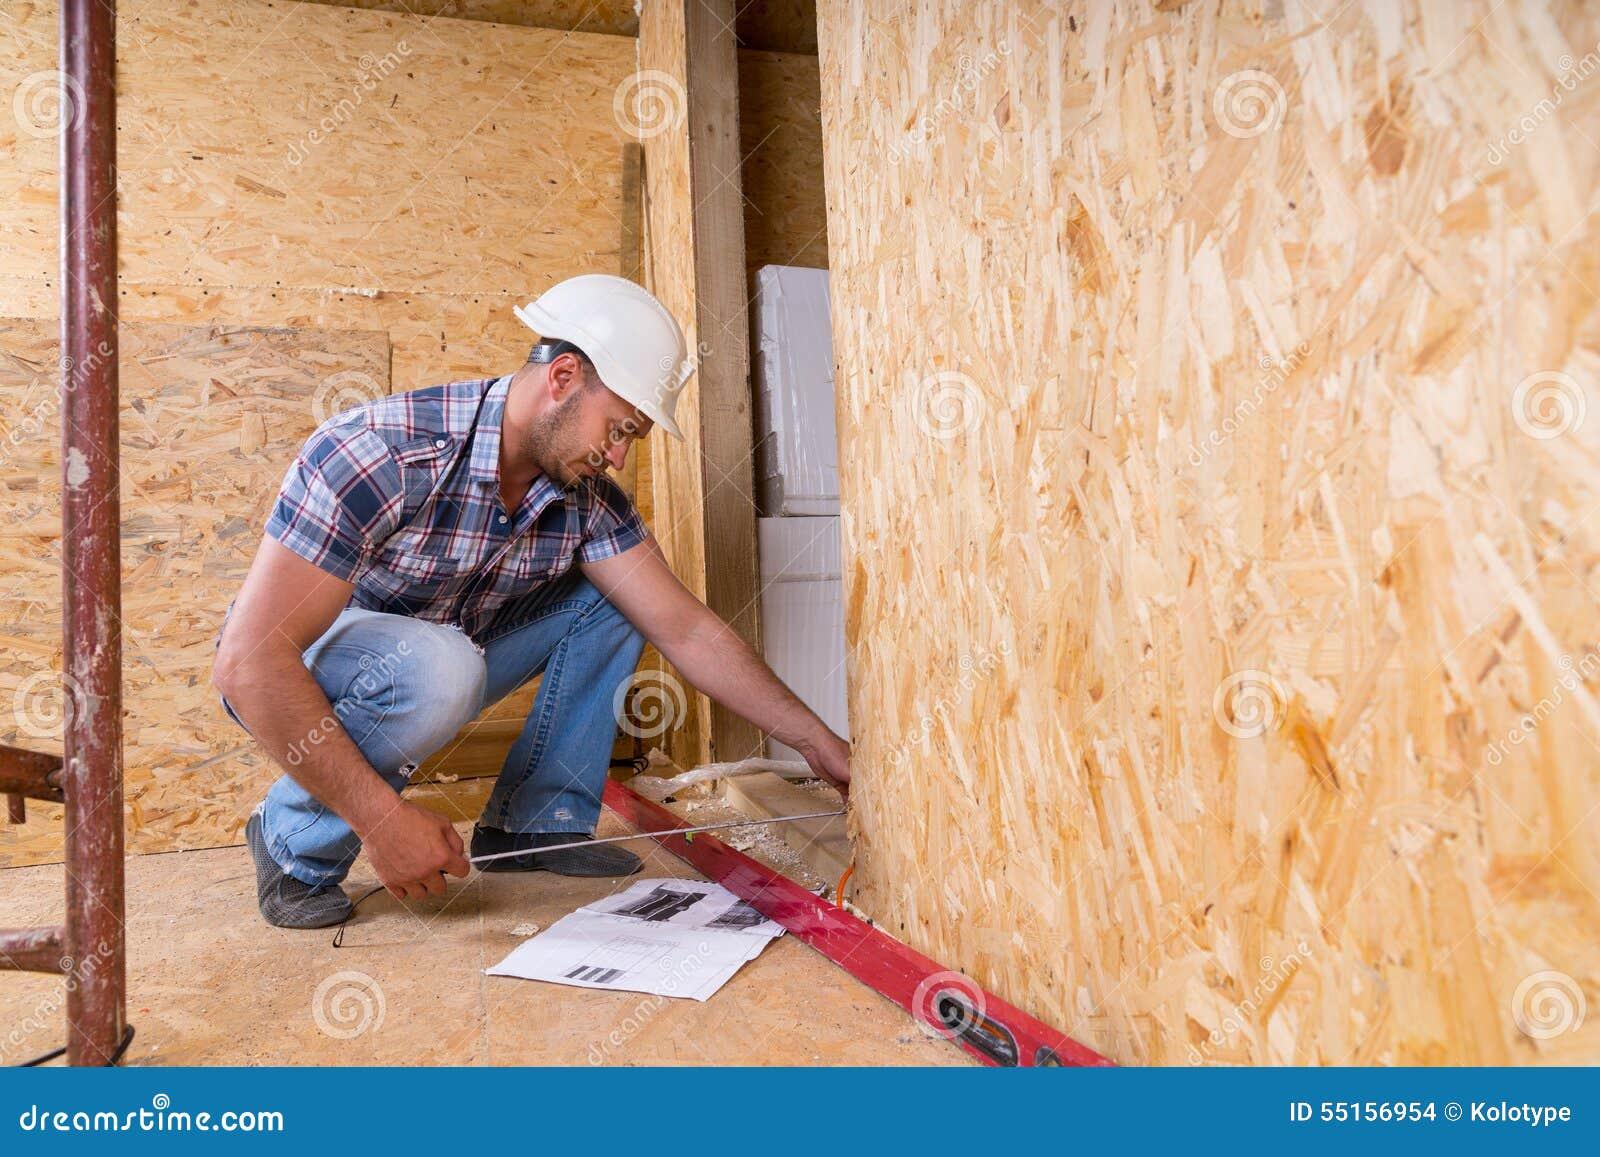 建造者测量的门框在未完成的家